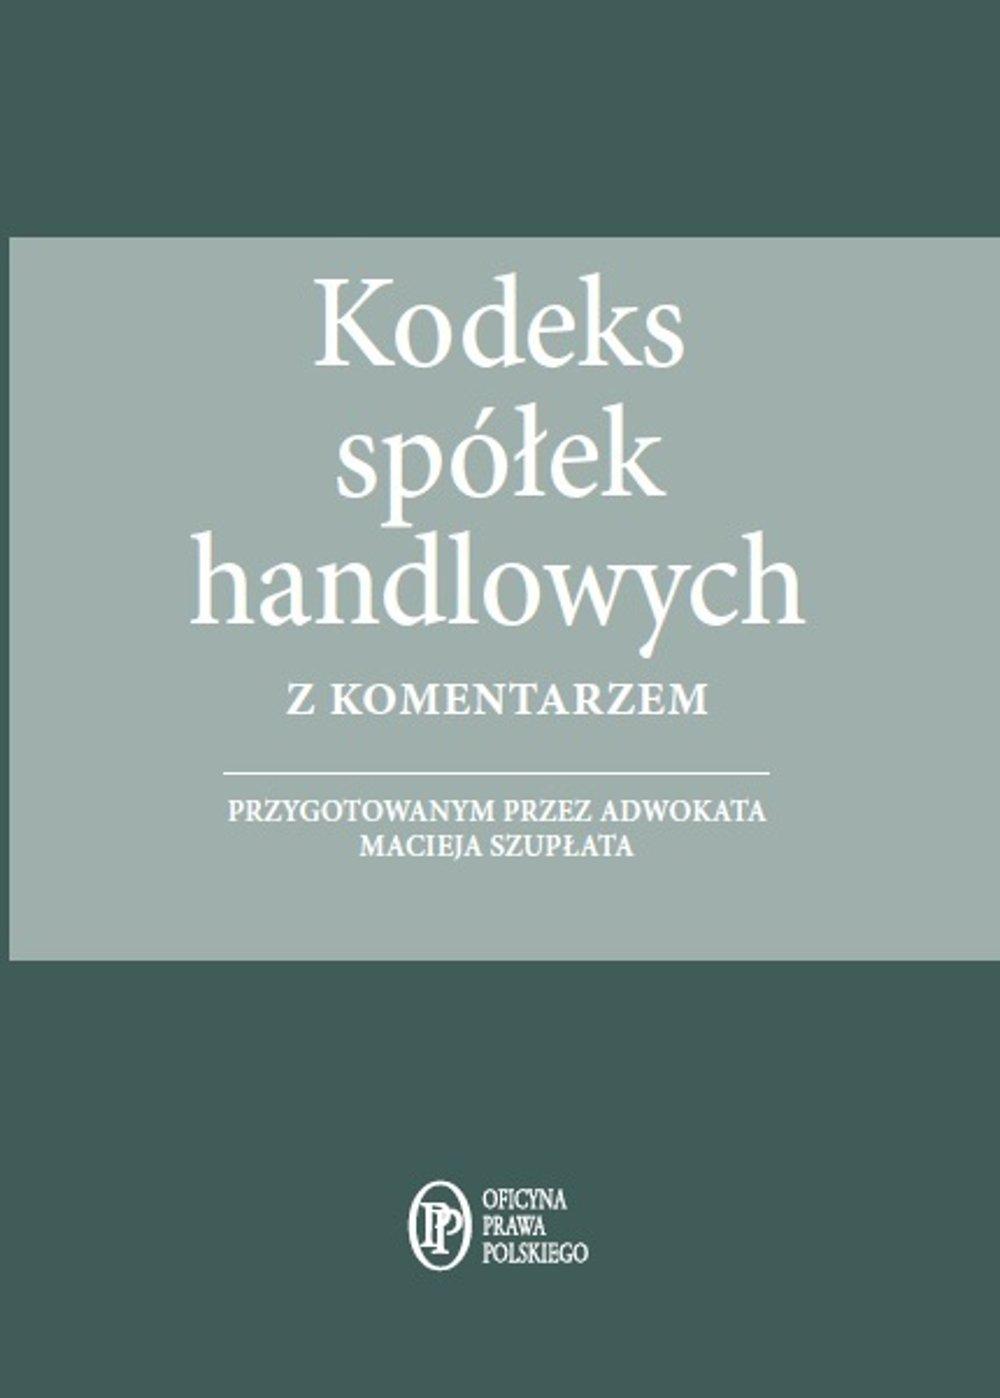 Kodeks spółek handlowych z komentarzem - stan prawny na  1.04.2015 - Ebook (Książka na Kindle) do pobrania w formacie MOBI